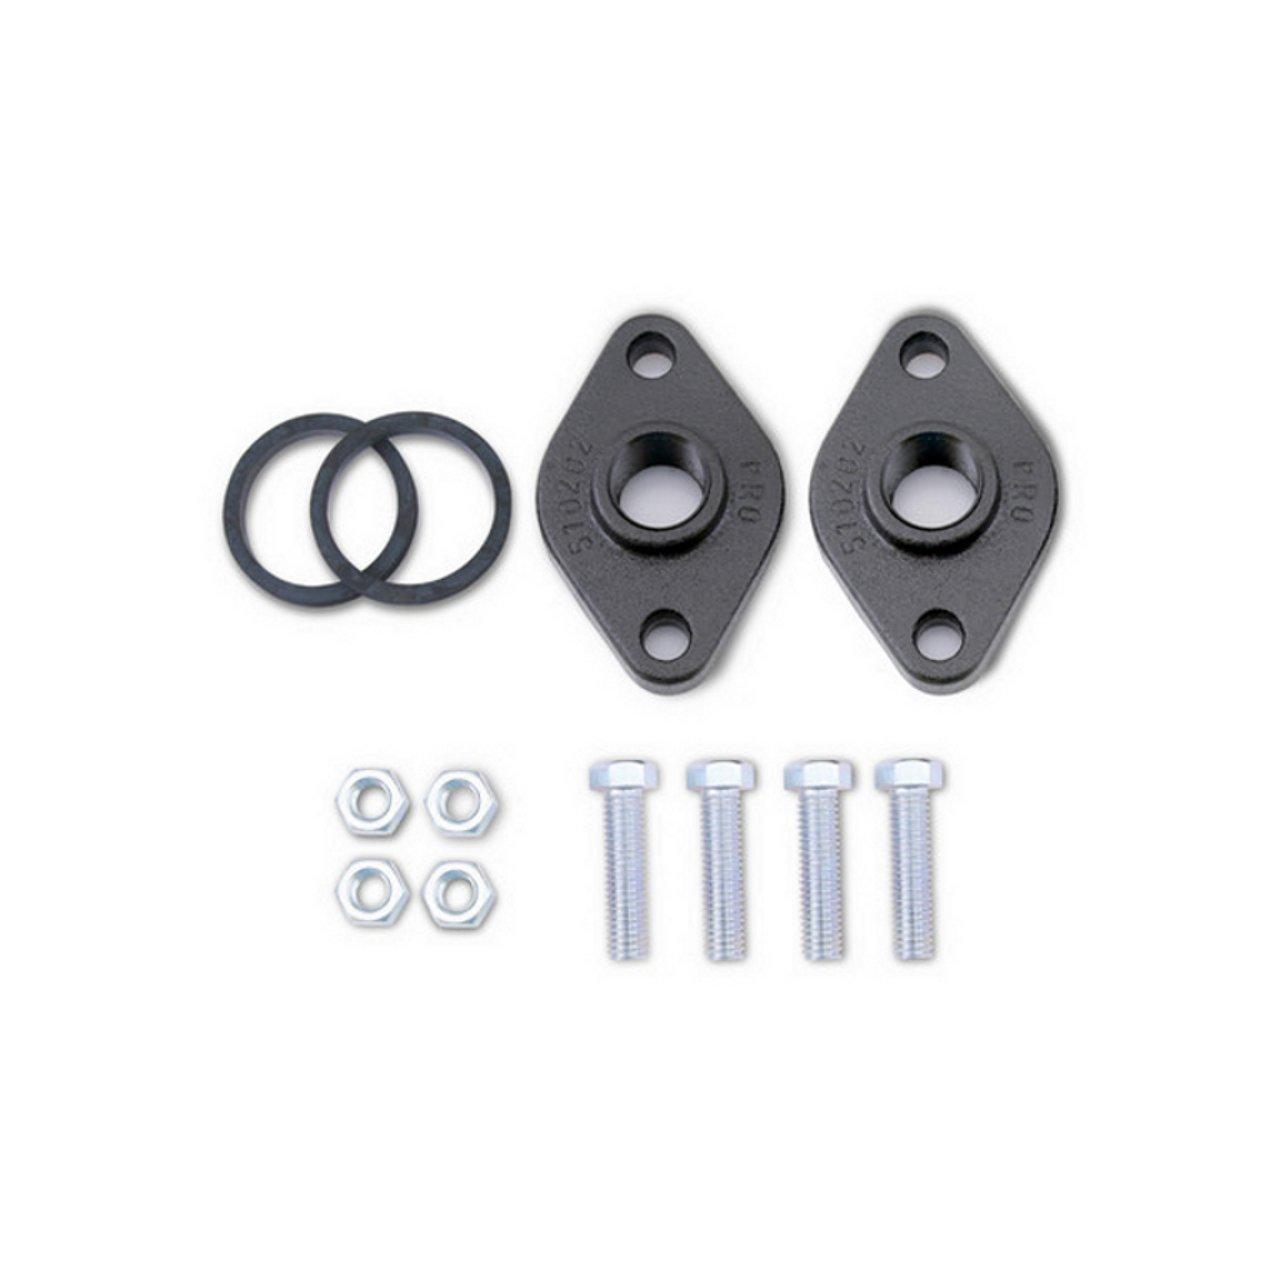 Grundfos 519602 1-Inch GF 15/26 Cast Iron Flange Set